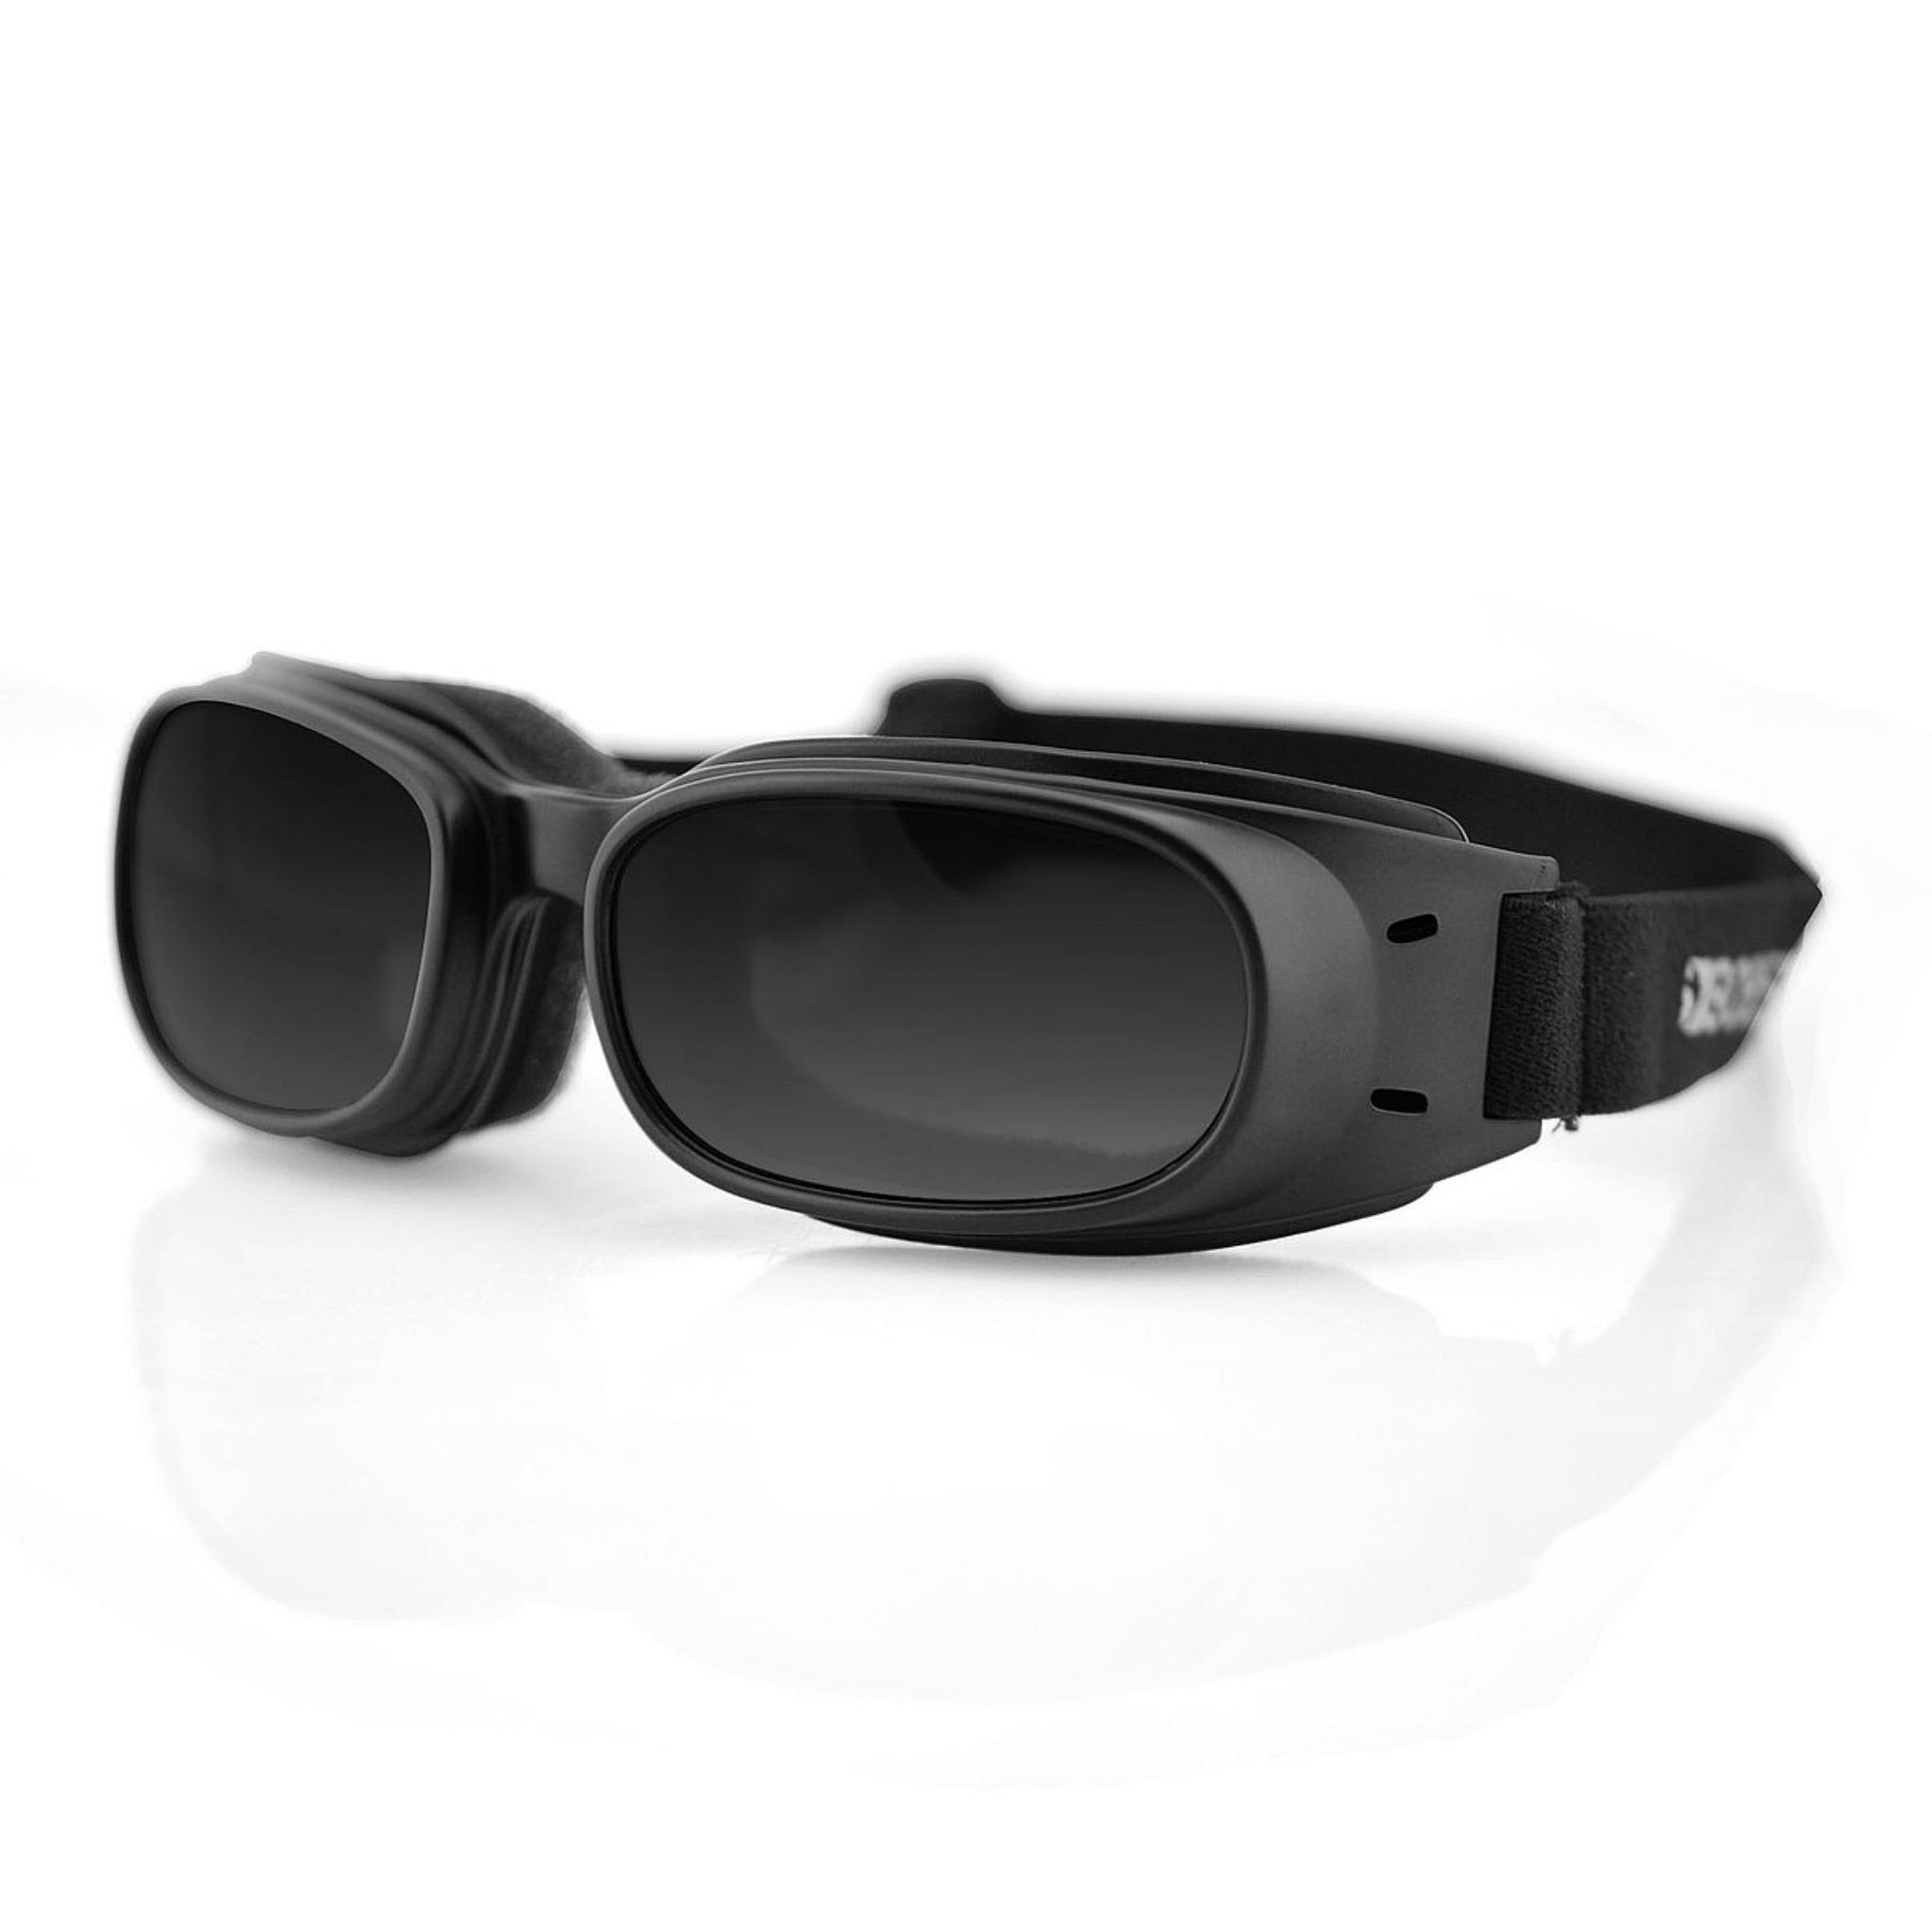 Очки Piston чёрные с дымчатыми линзами